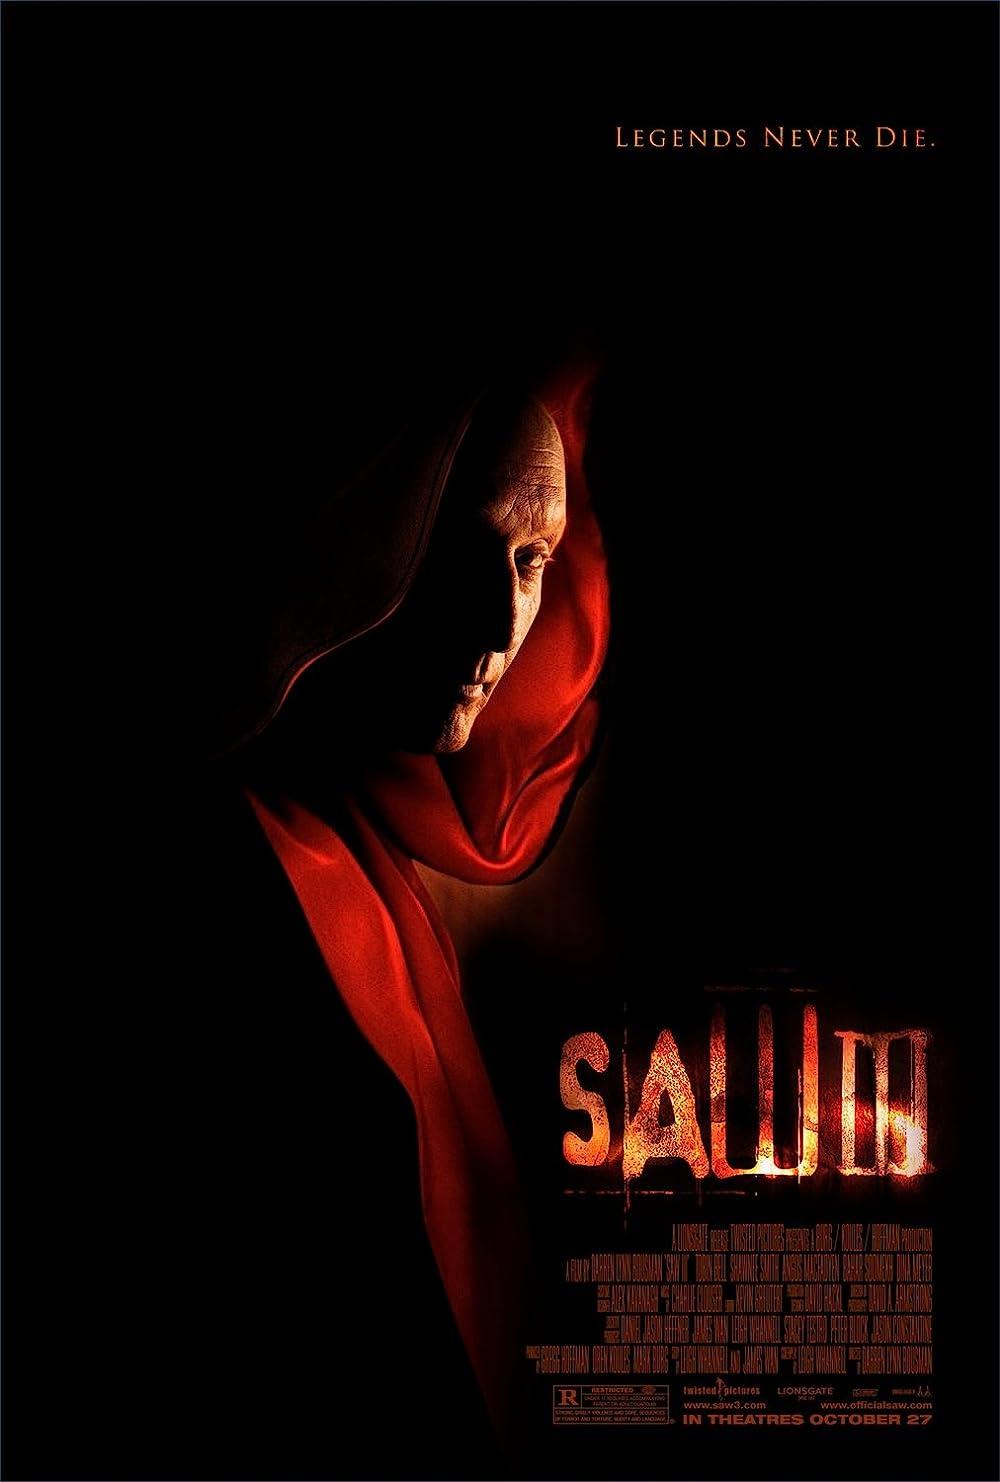 Saw III 2006 Hindi Dual Audio 400MB UNRATED BluRay ESubs